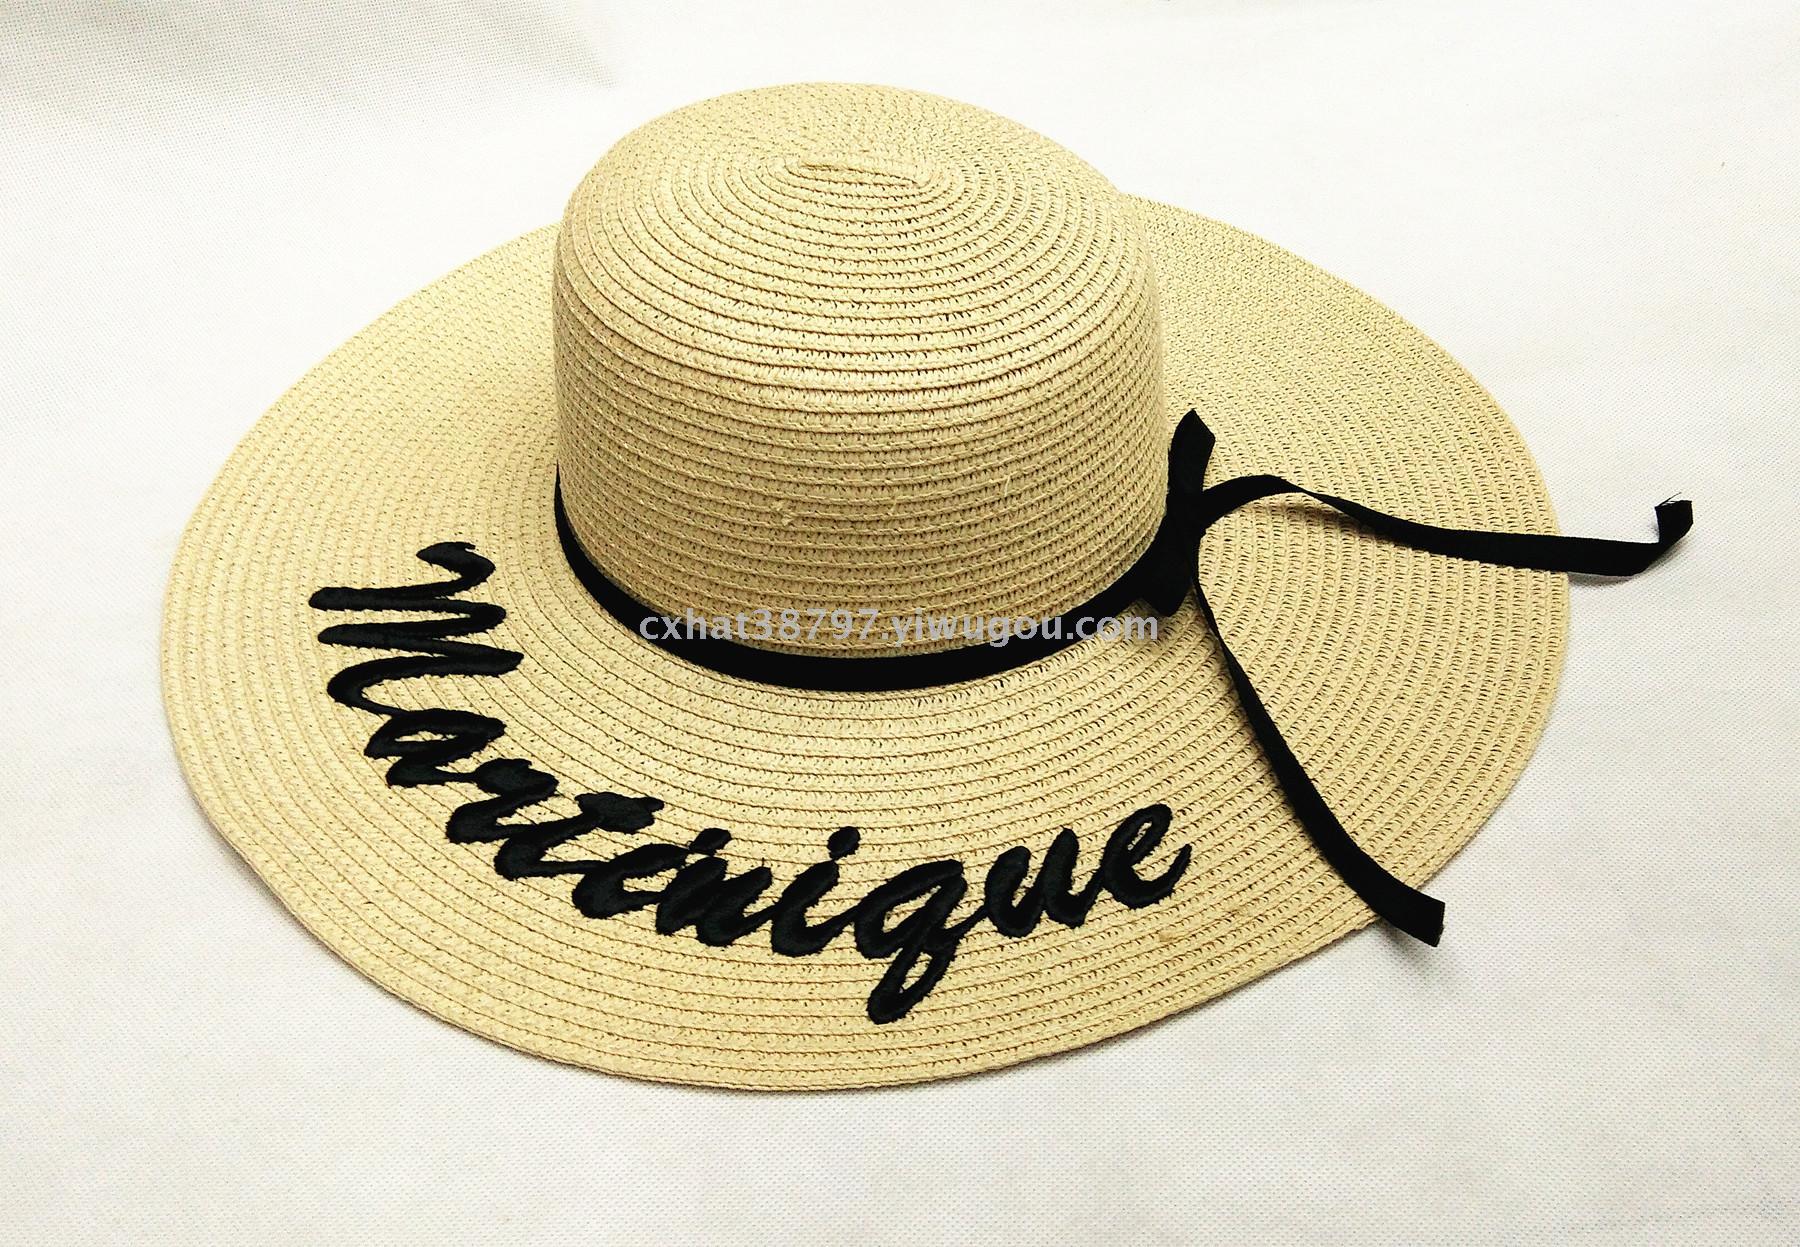 新款刺绣字母大檐帽 时尚纸编沙滩帽 百搭帽子